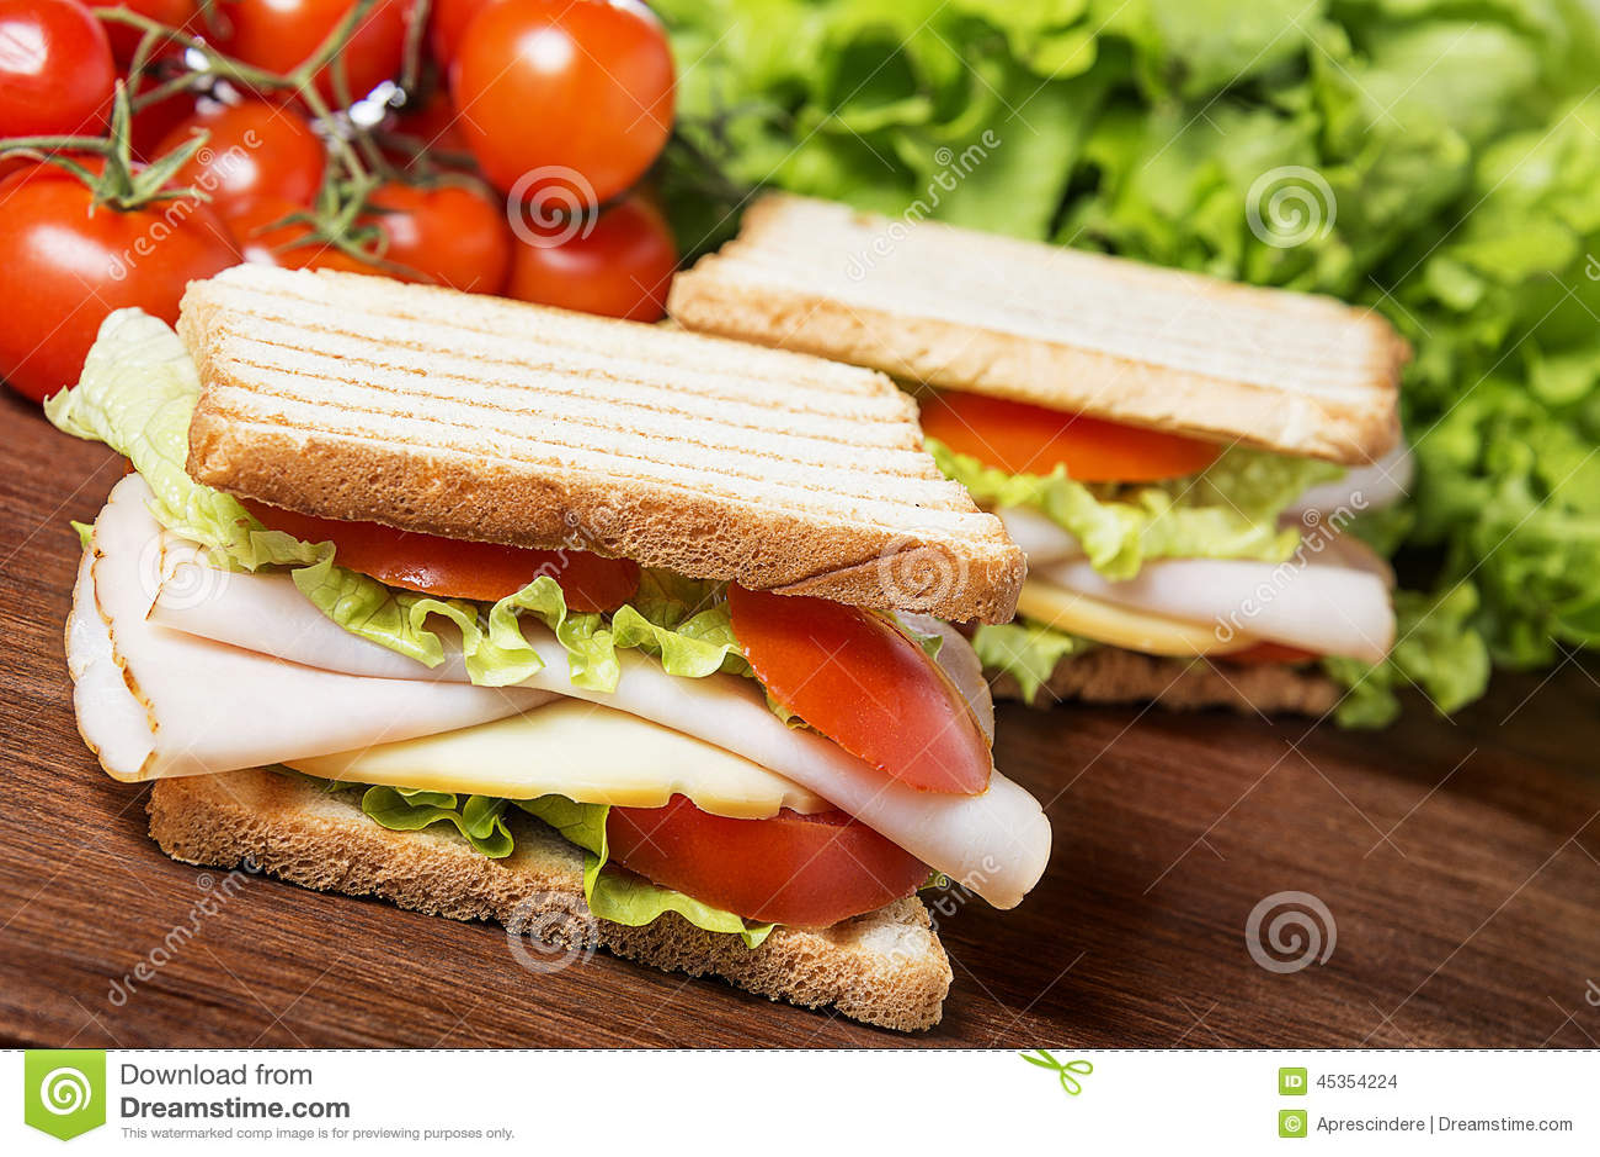 Sandwiche auf hölzerner Tabelle